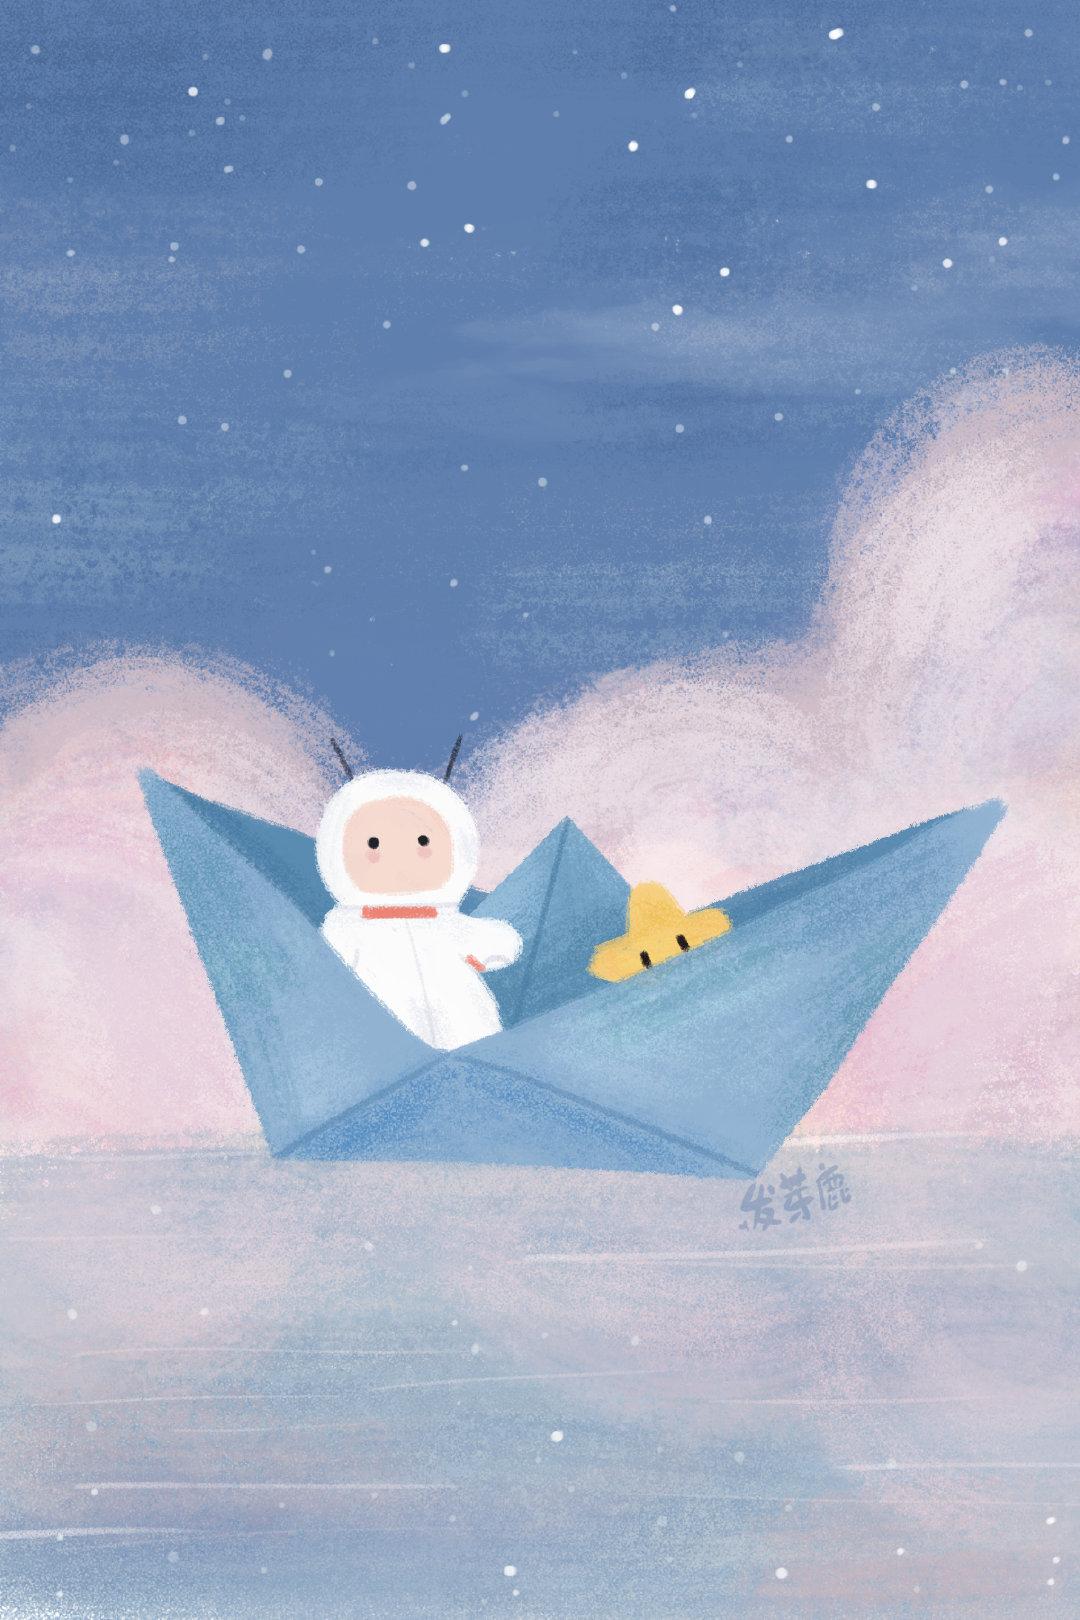 小小宇航员的太空之旅,有小星星的陪伴,让一切都很温暖